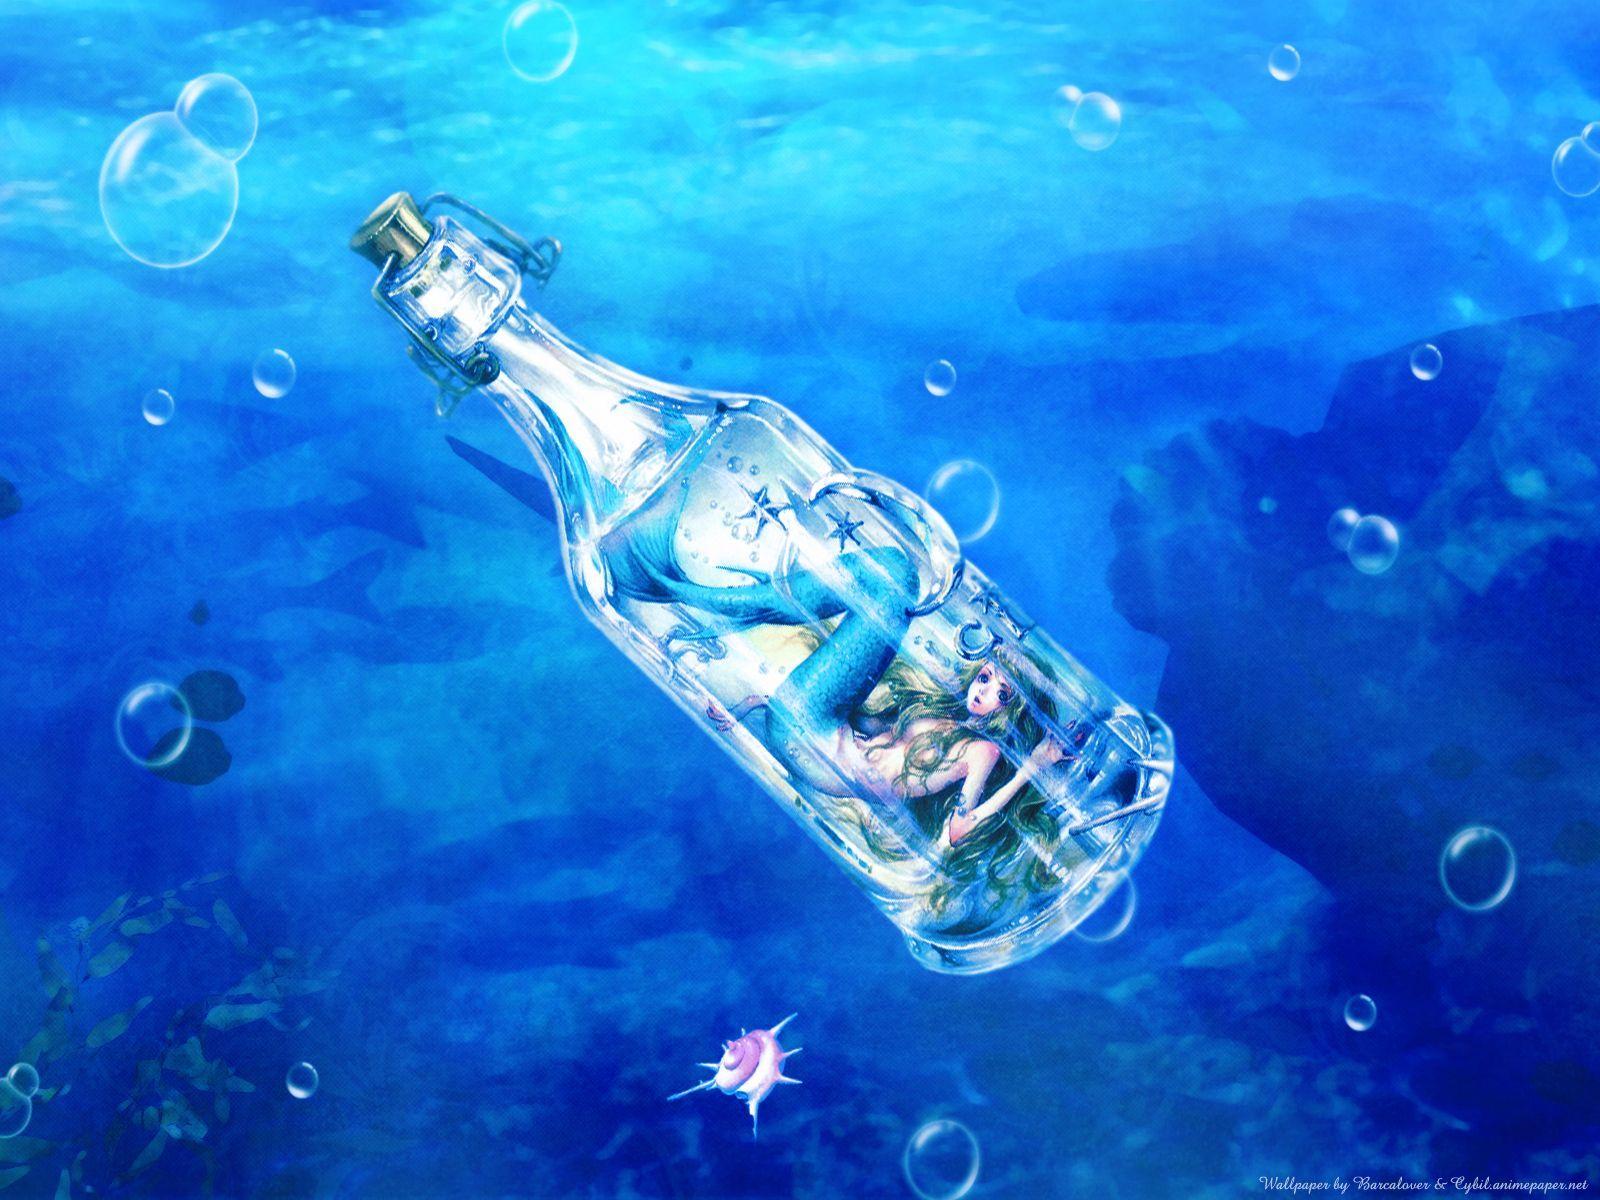 Pin By Grace Barton On Mermaids Anime Mermaid Mermaid Wallpapers Mermaid Art